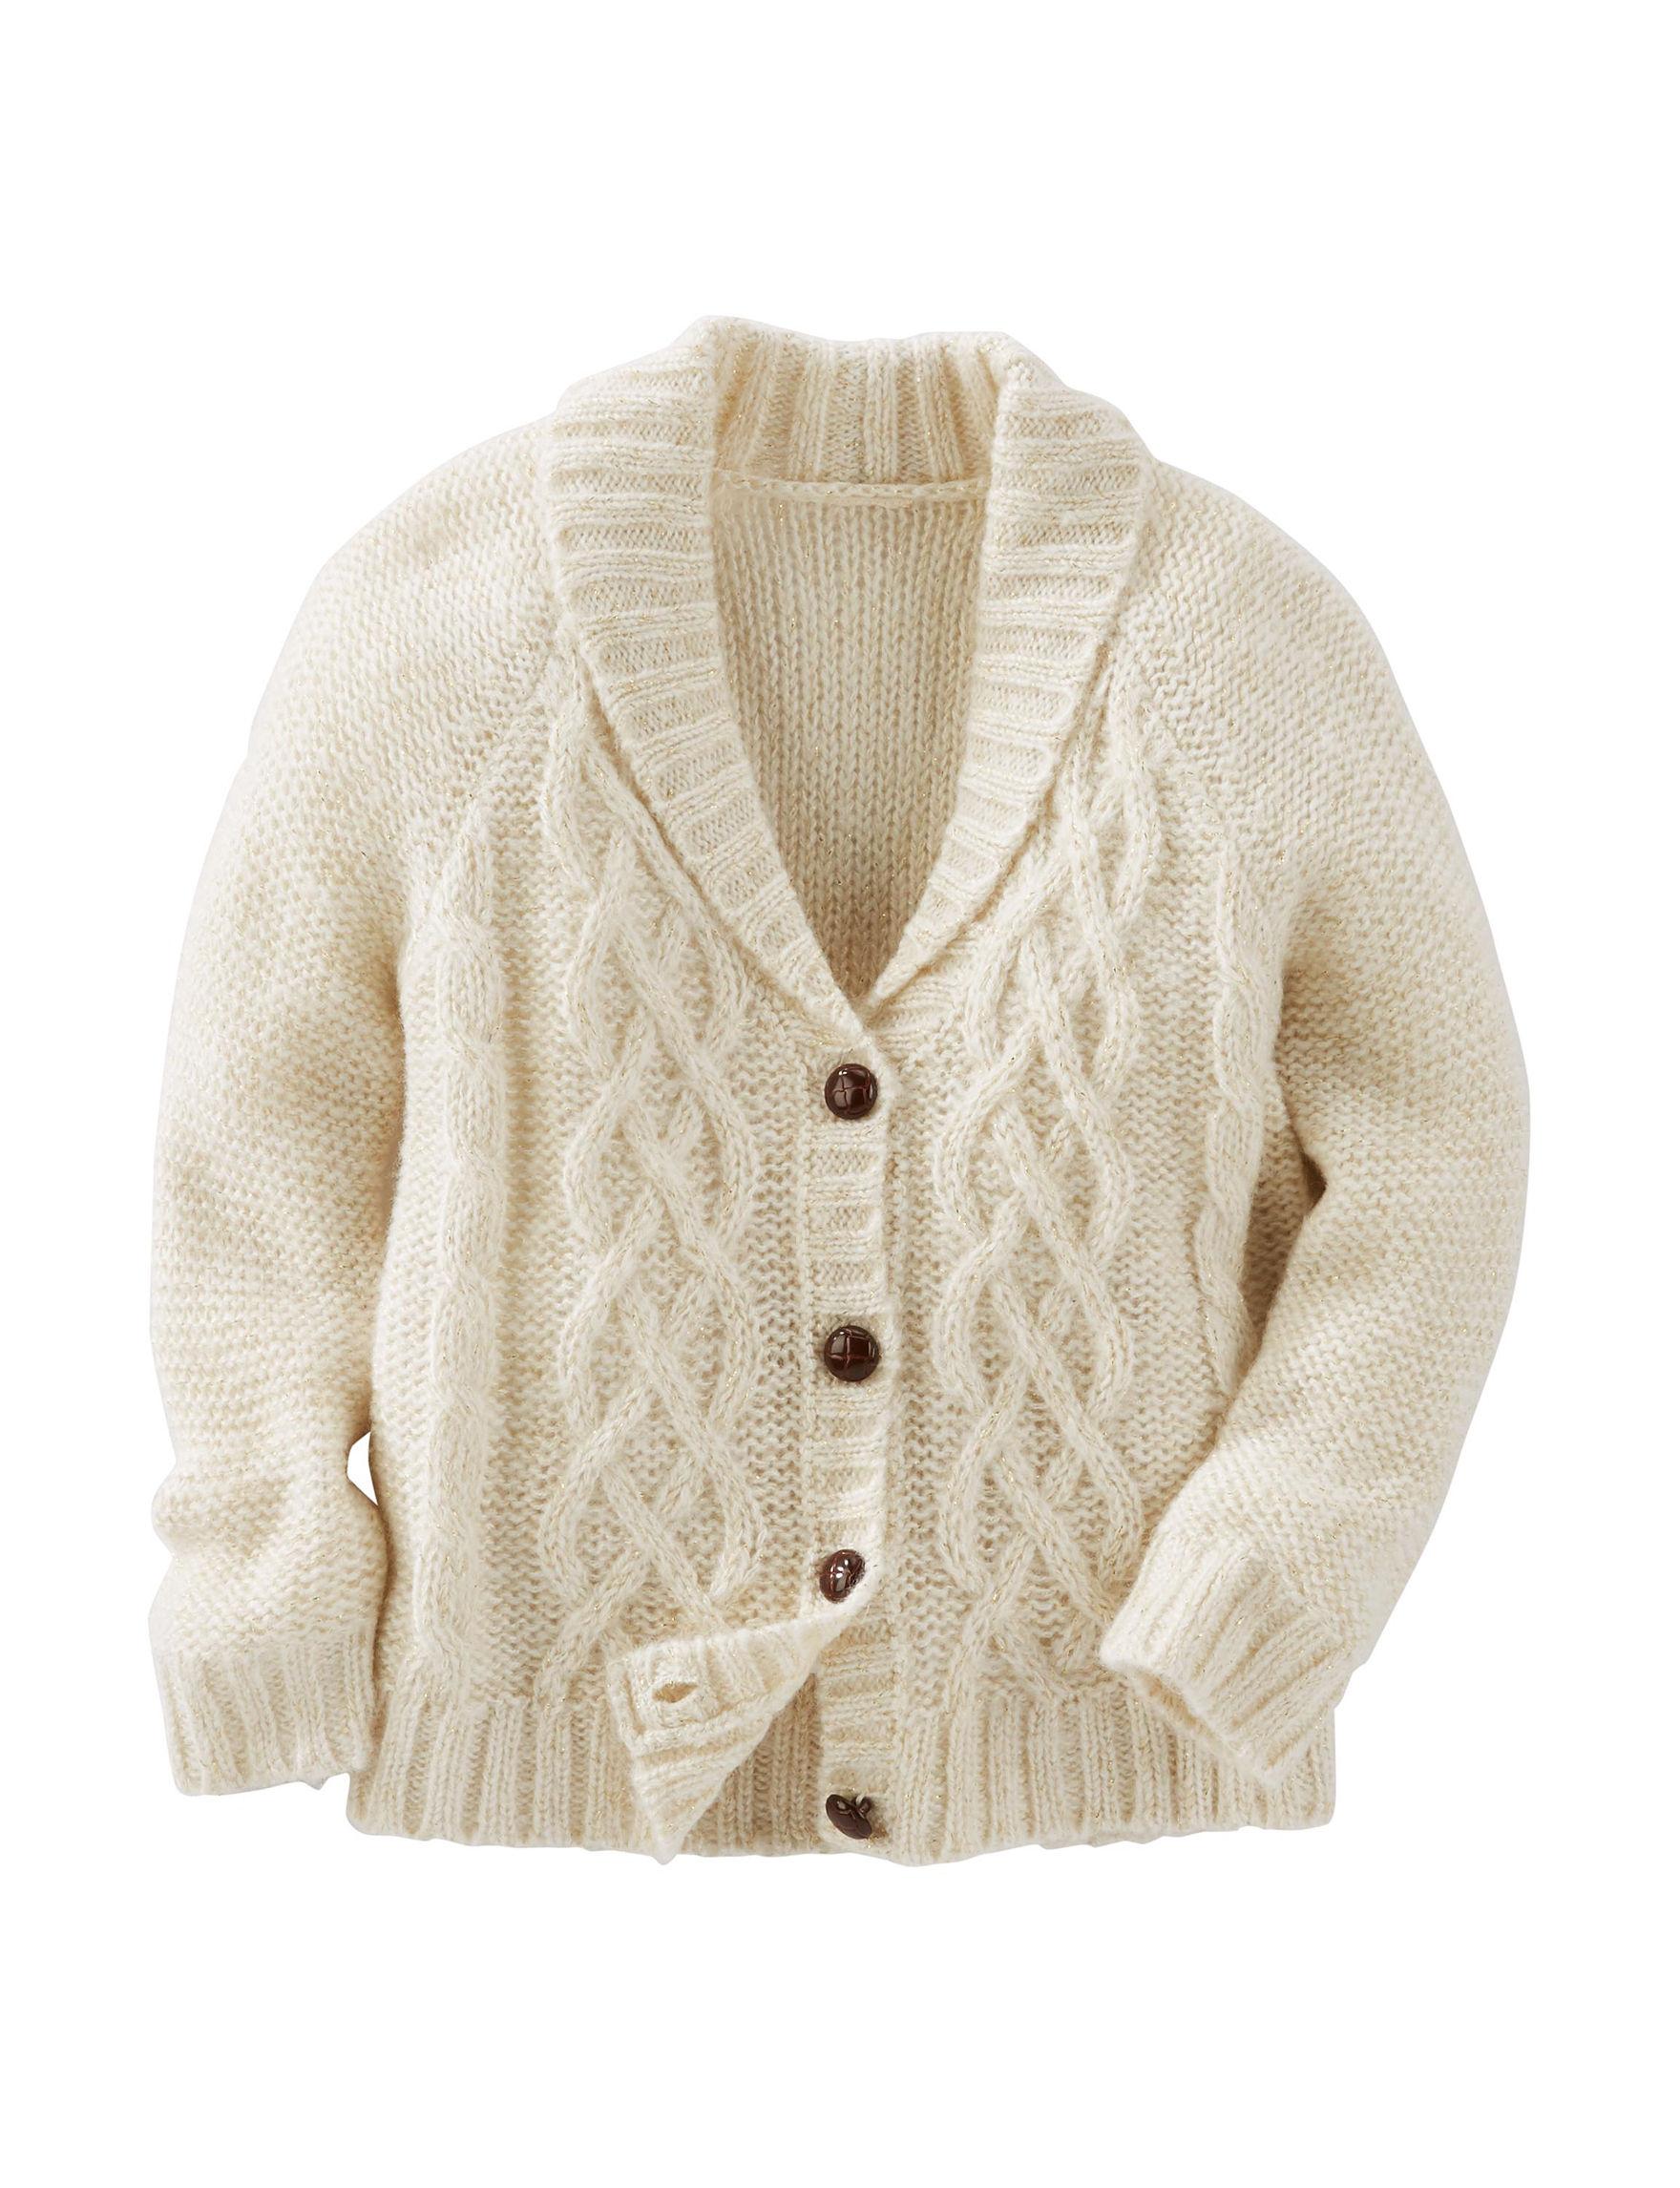 Oshkosh B'Gosh Assorted Cardigans Sweaters